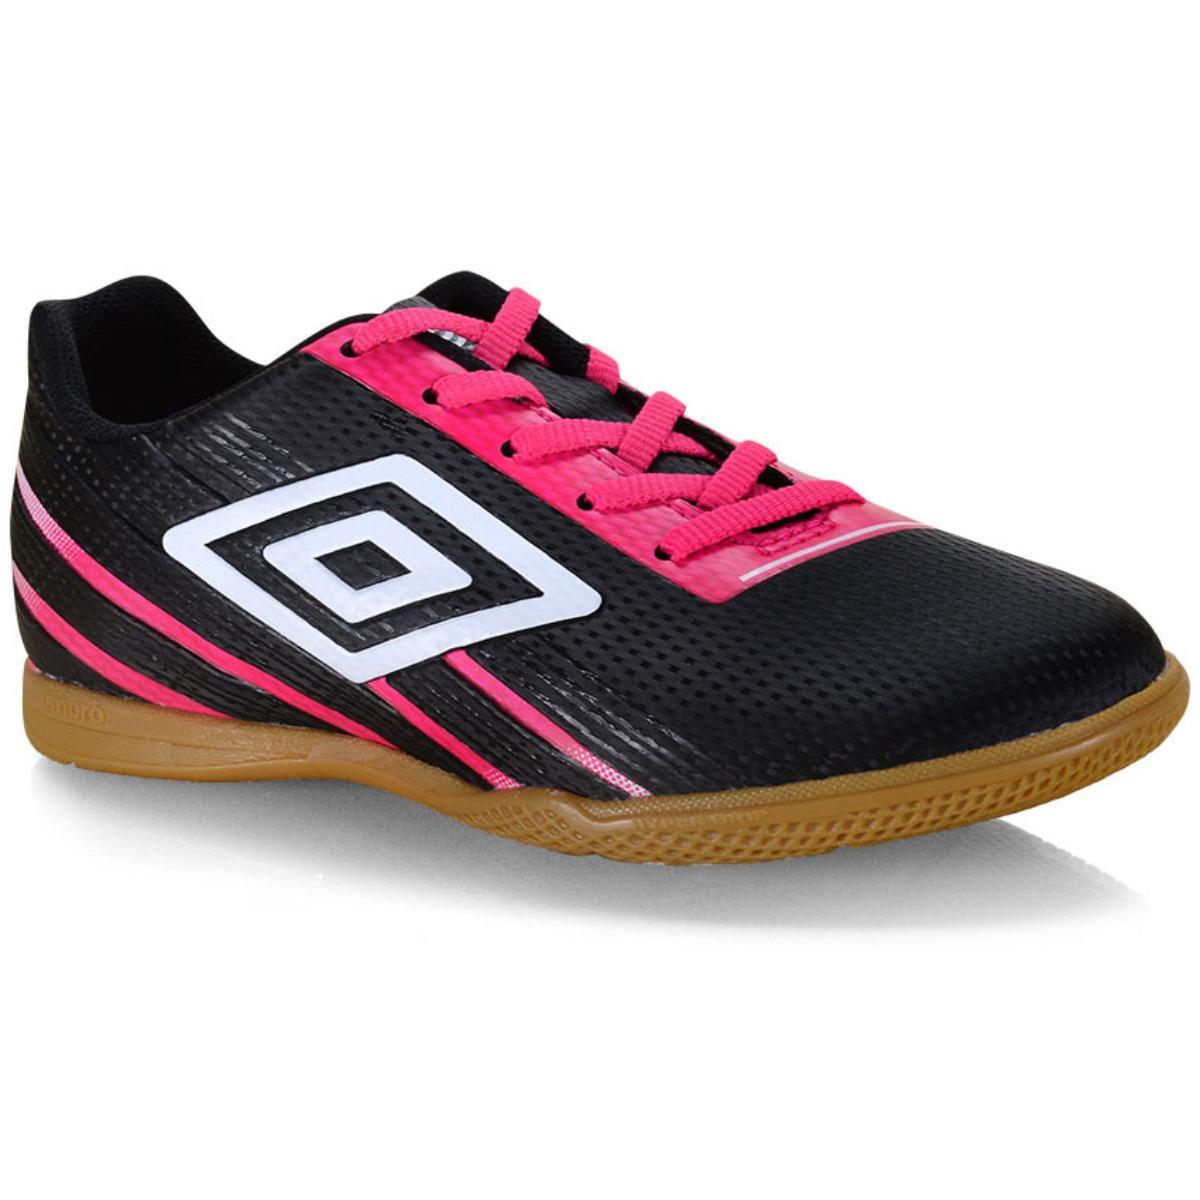 Tênis Feminino Umbro Of72135 Preto/rosa/branco